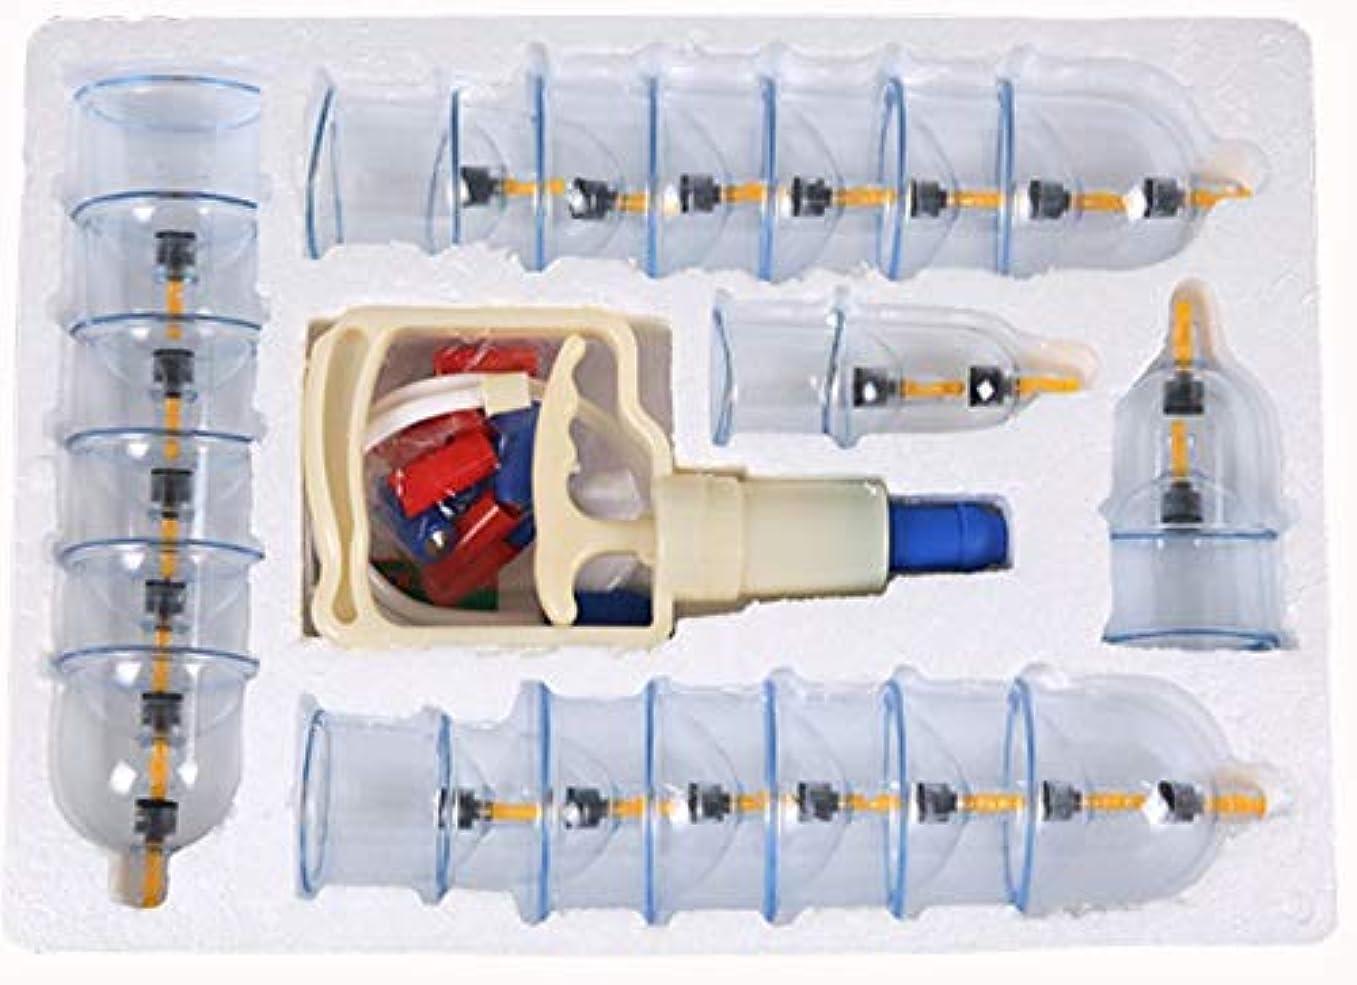 課税遠え組み合わせ(ラフマトーン) カッピング 吸い玉 大きいカップが多い 吸い玉 5種 24個セット 磁針 12個 関節用カップ付 脂肪吸引 自宅エステ